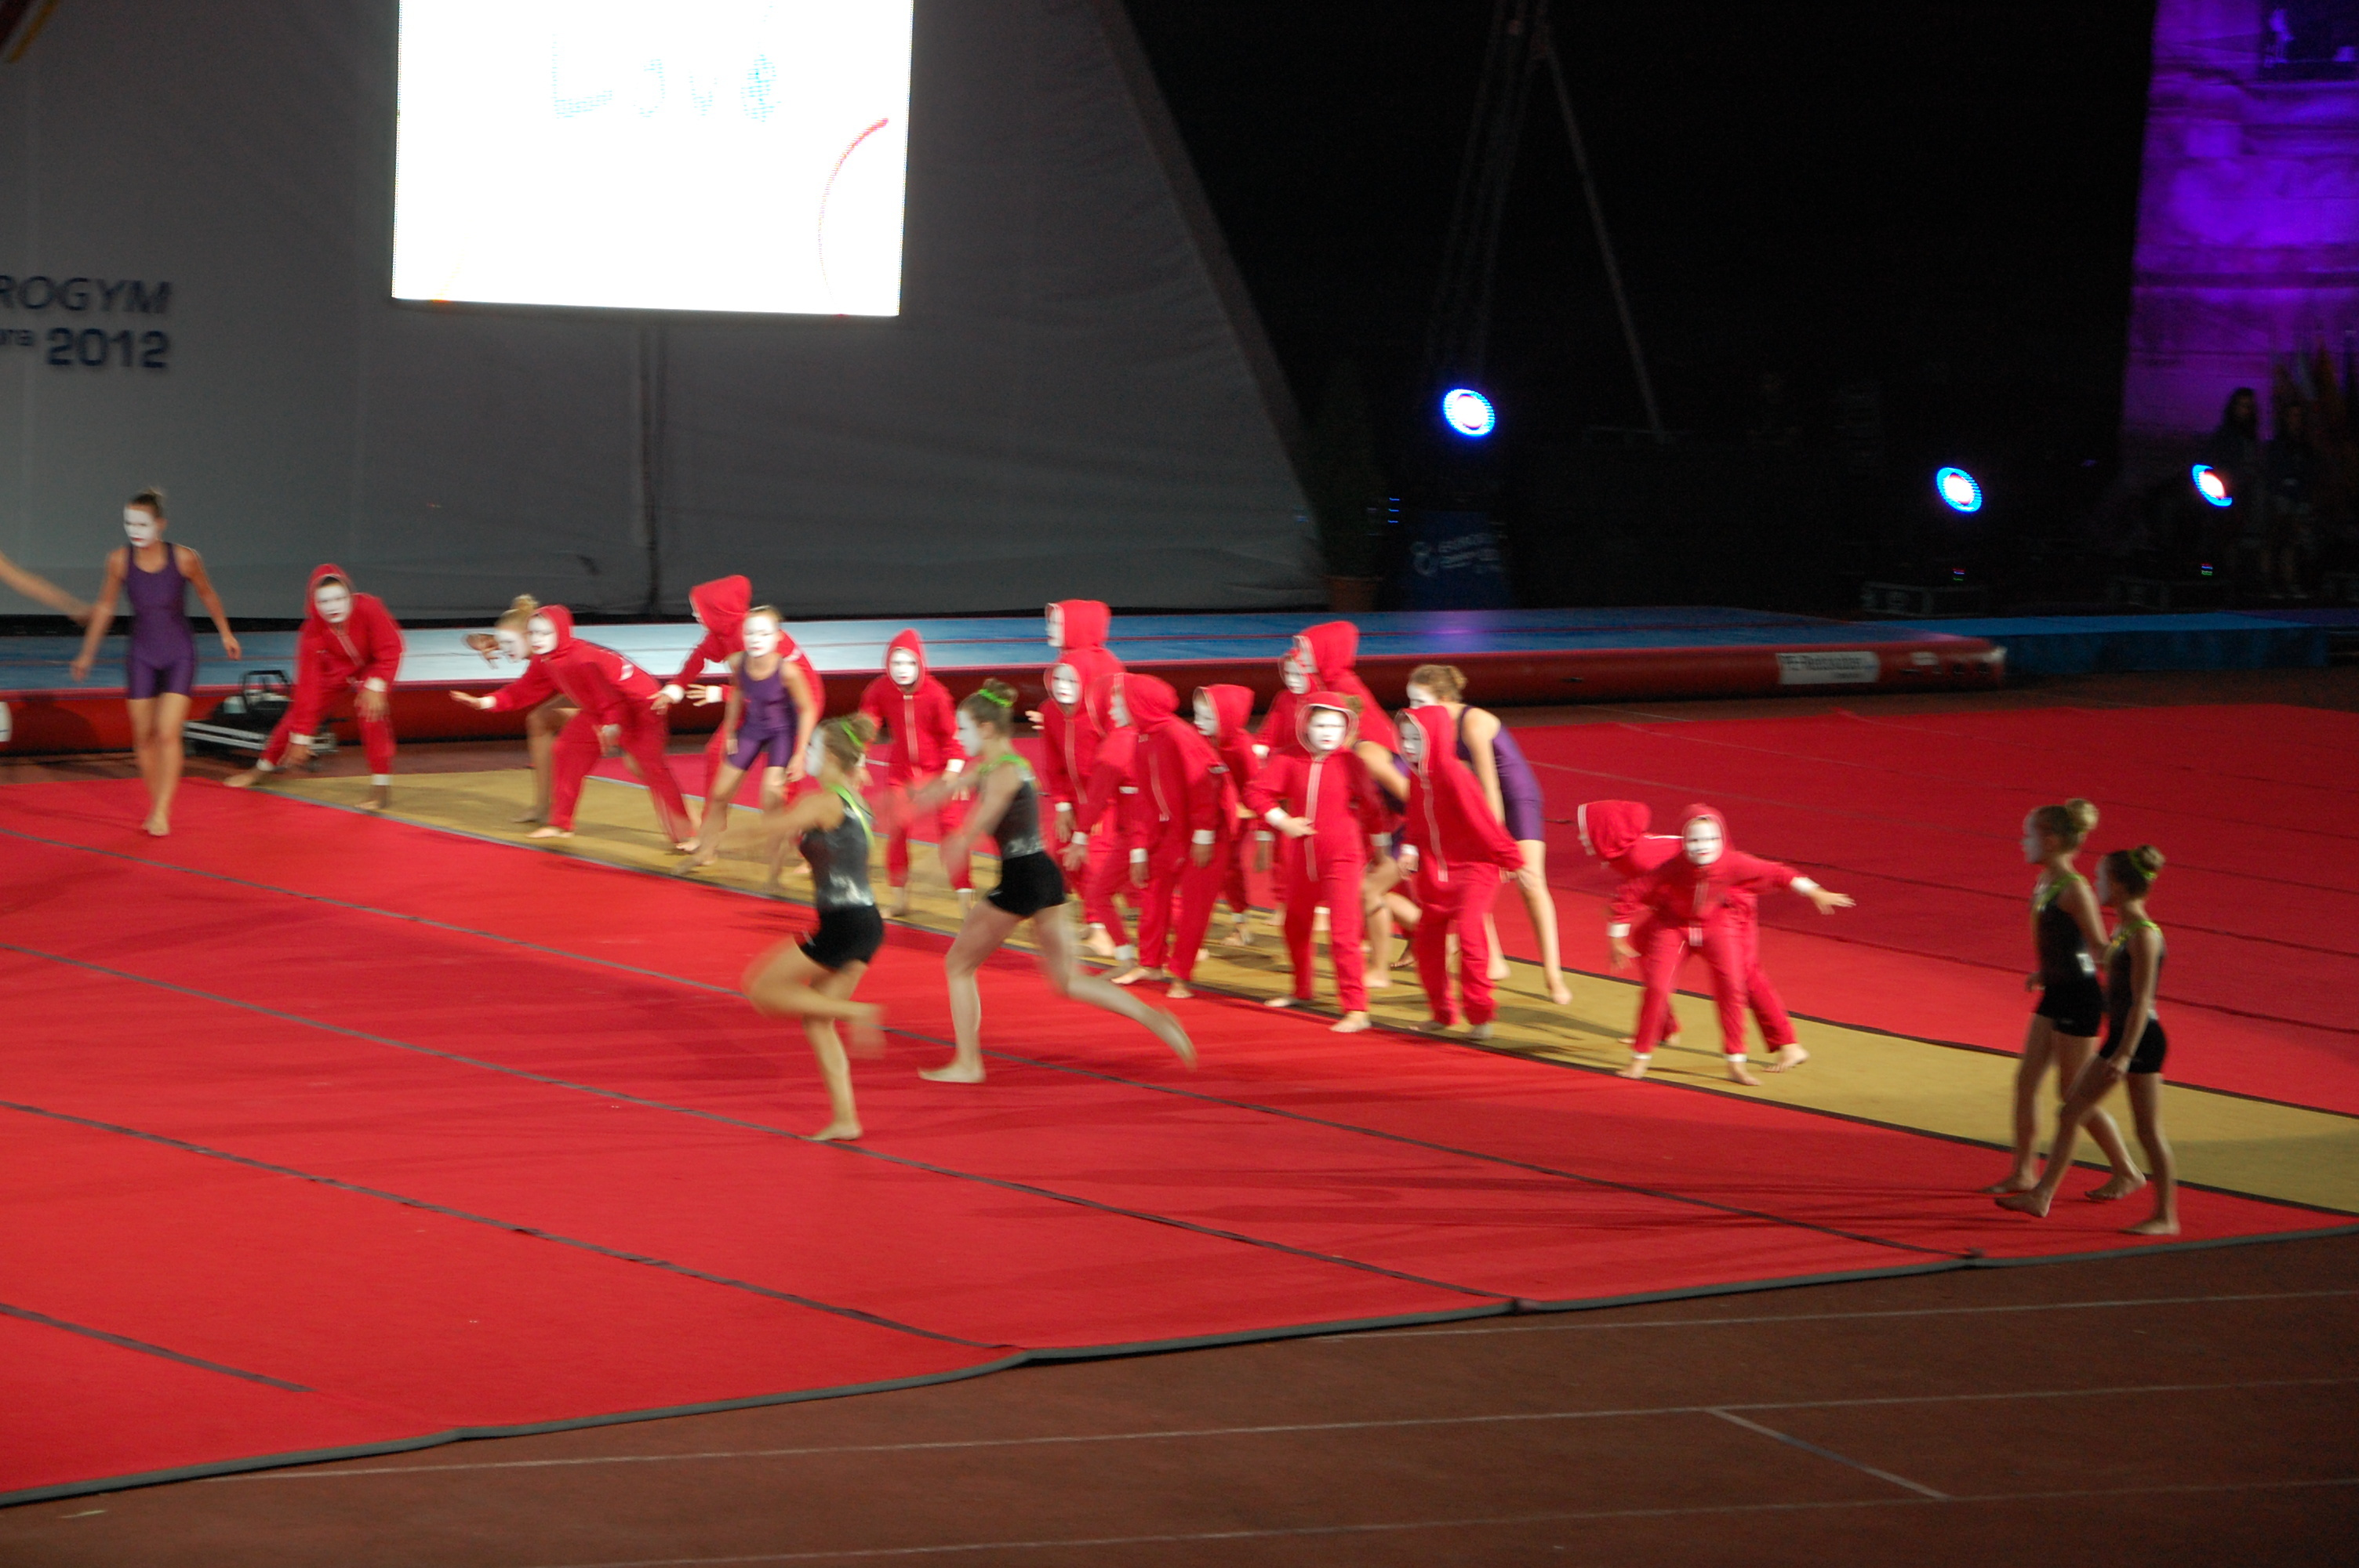 EuroGym2012_36.JPG